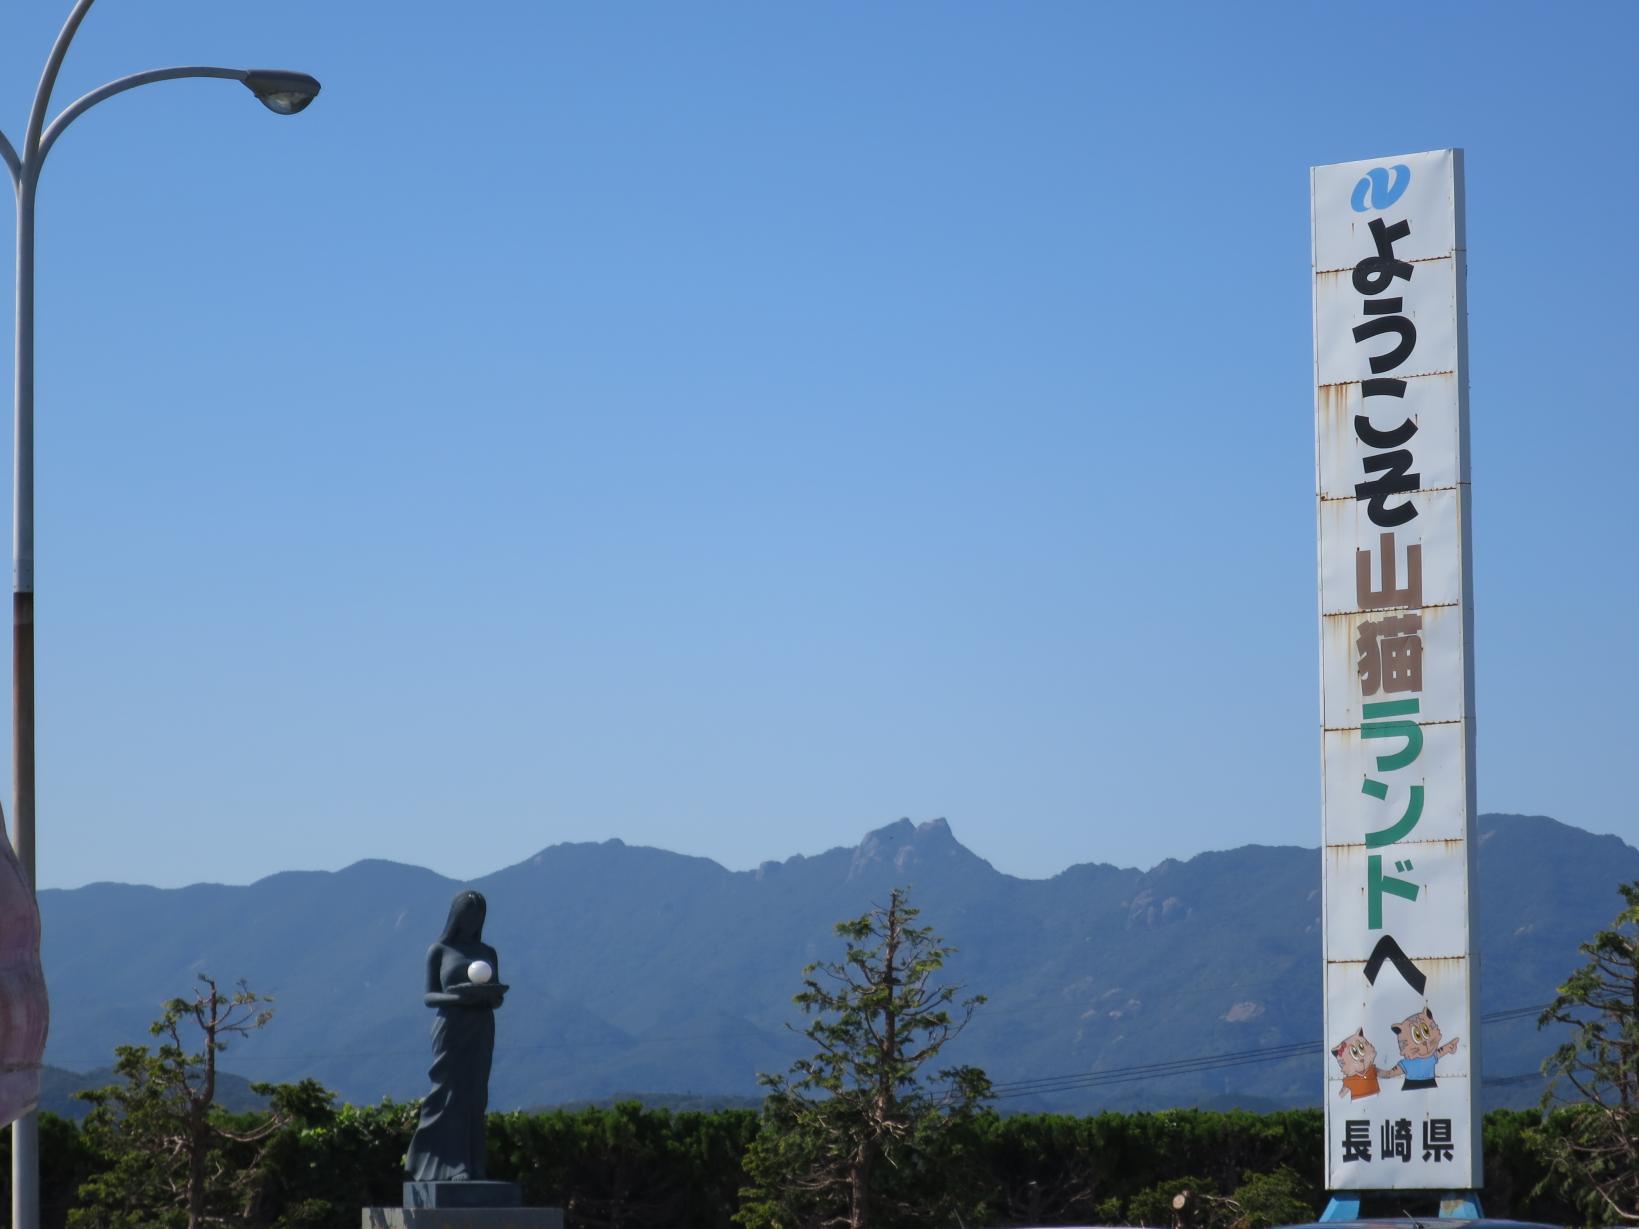 福岡から約30分!アクセスしやすい対馬へ、Let's GO!-0